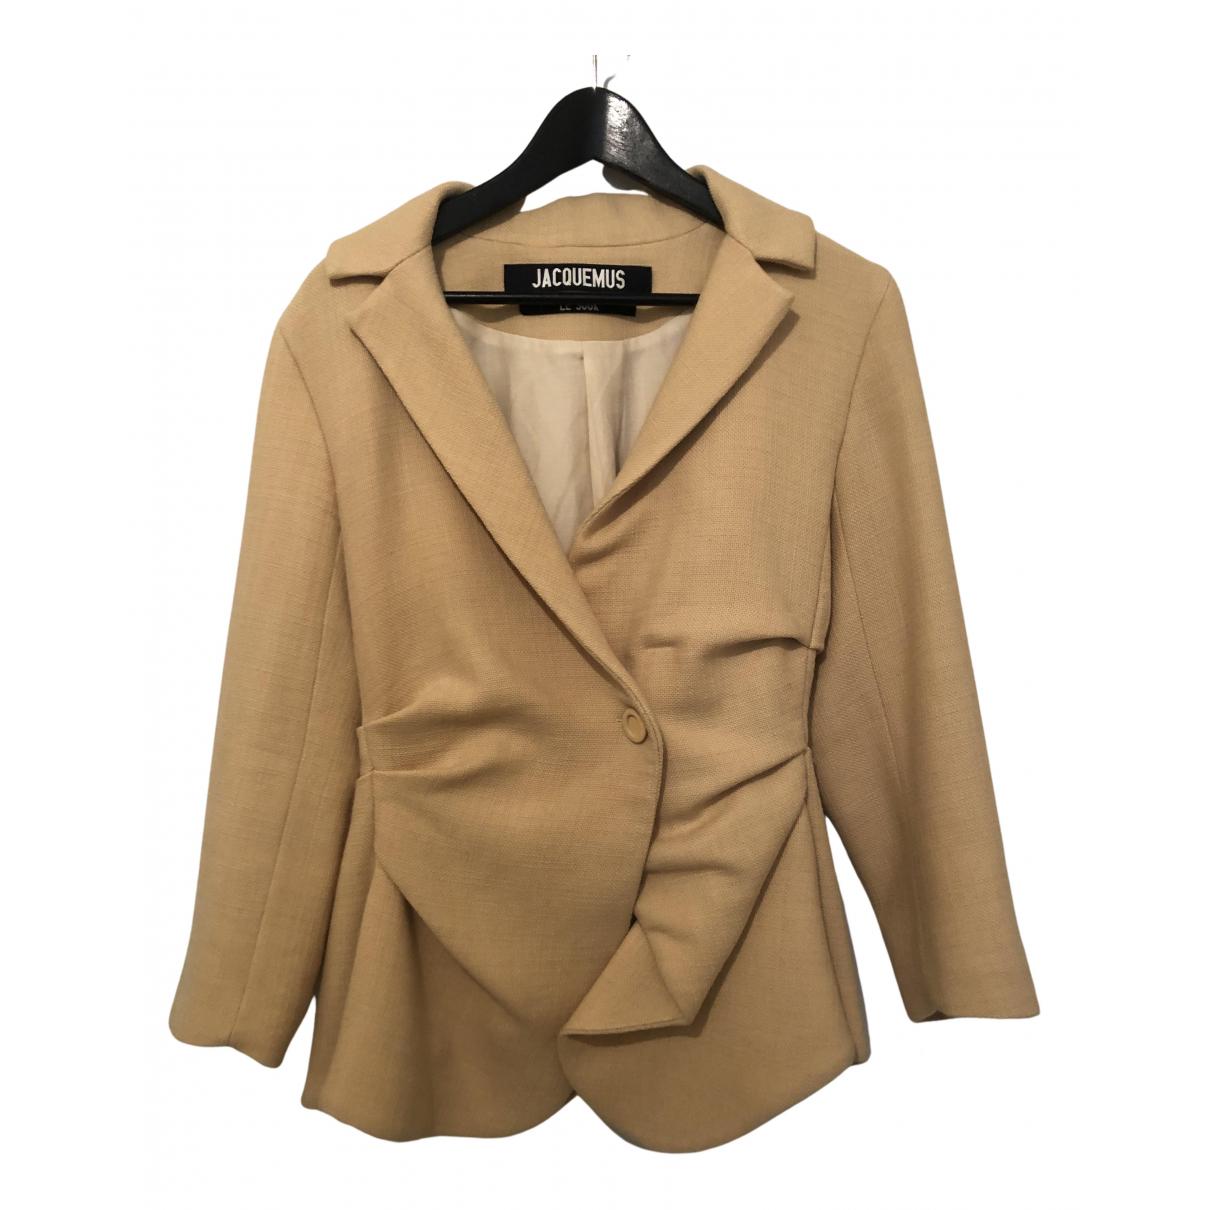 Jacquemus - Veste Le Souk pour femme en laine - jaune